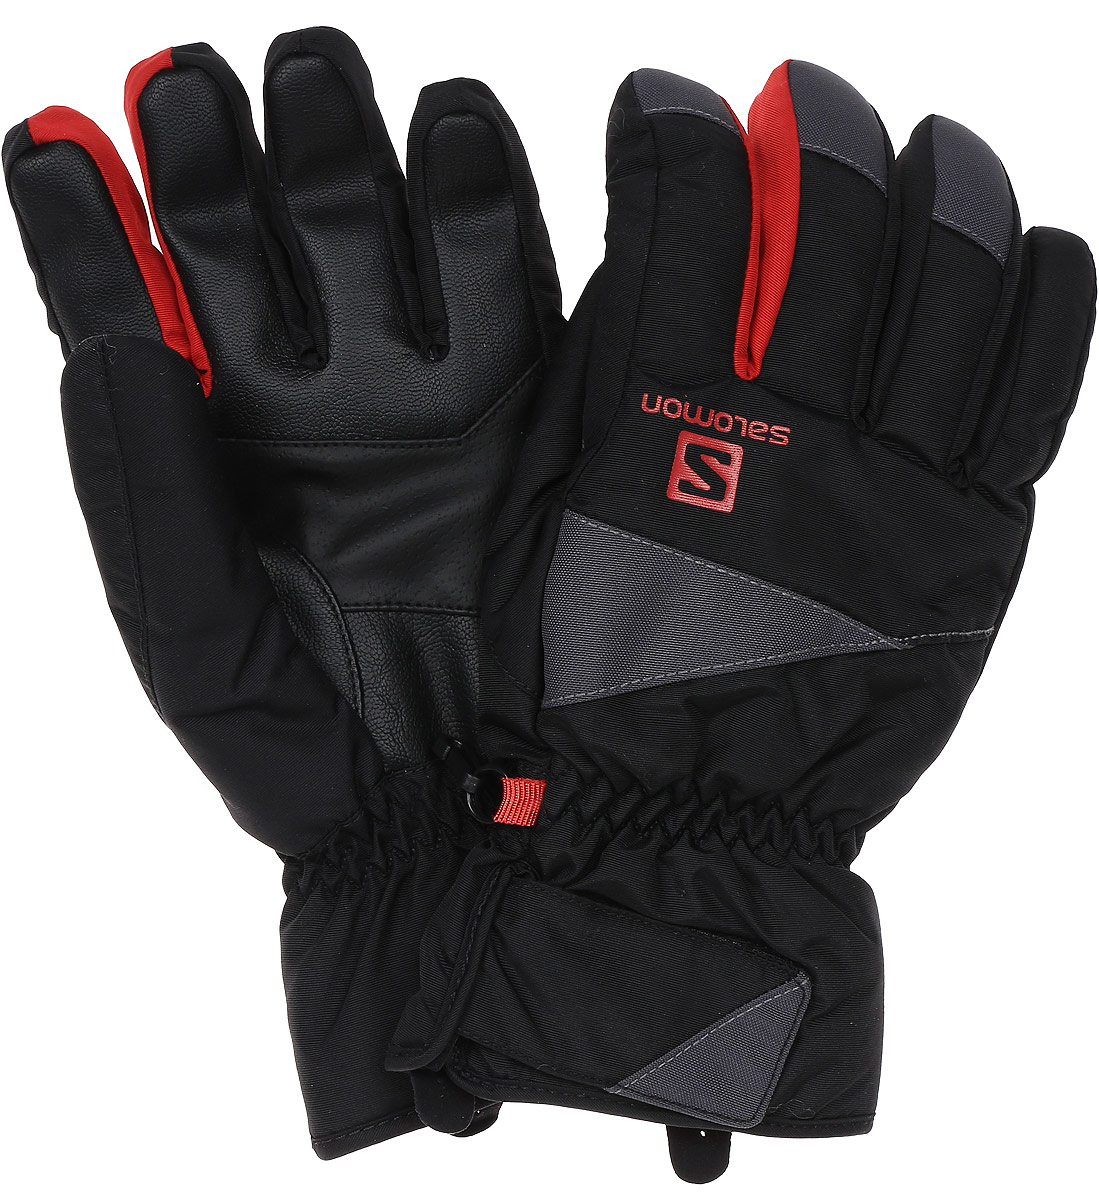 Перчатки мужские Salomon Gloves Force M, цвет: черный, серый. L39500200. Размер S (8)L39500200Мужские перчатки Gloves Force обеспечивают тепло, комфорт и стильный вид по доступной цене. Укороченные манжеты отлично согревают запястья.